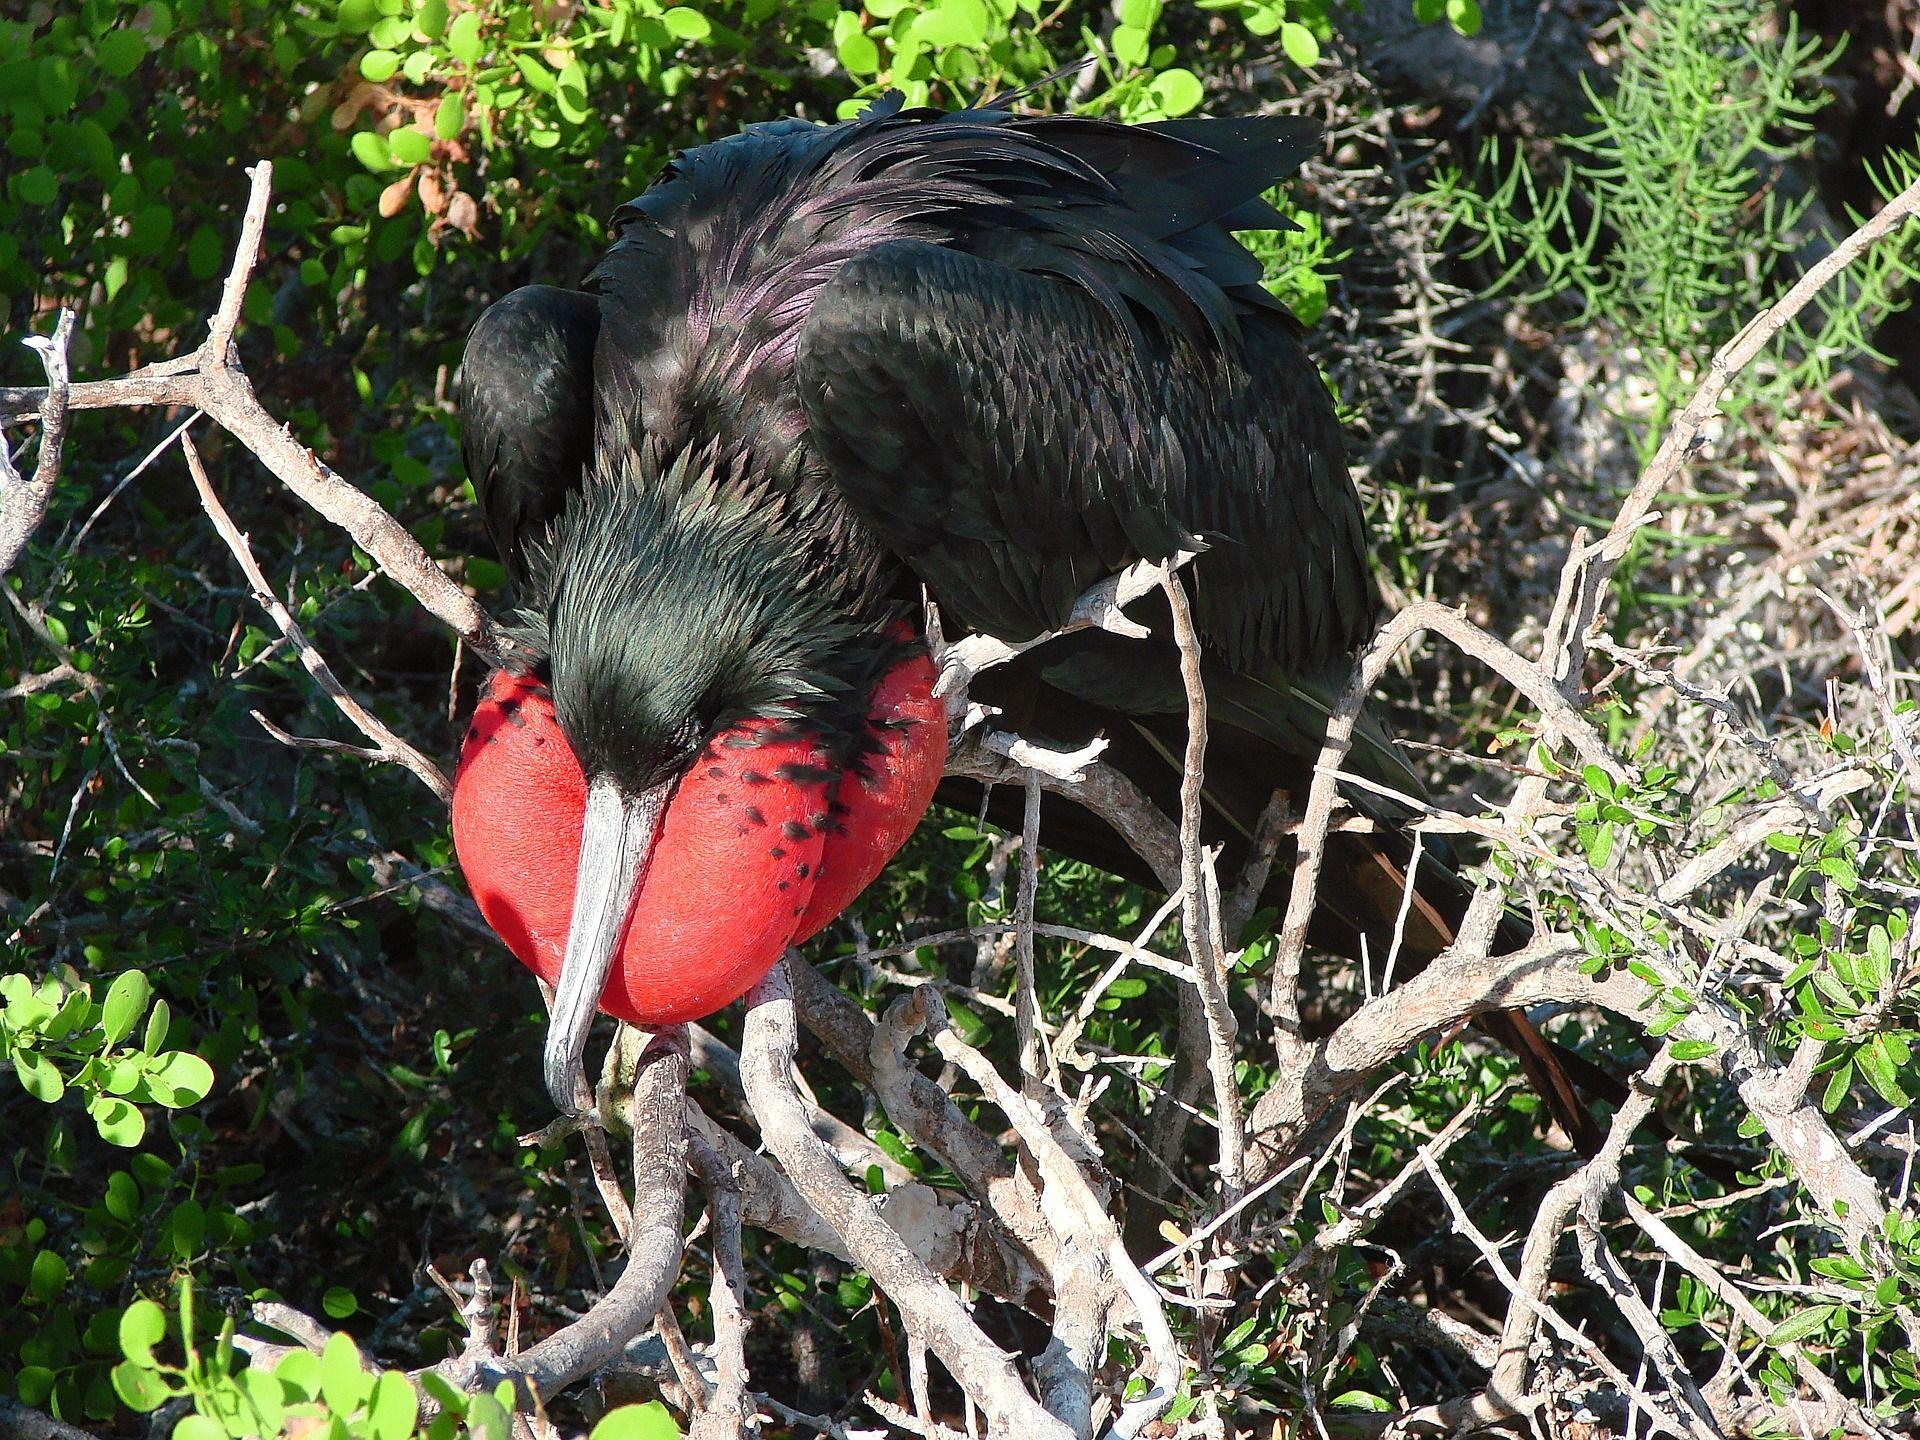 Смотреть лучшее фото птицы фрегат и его детеныша